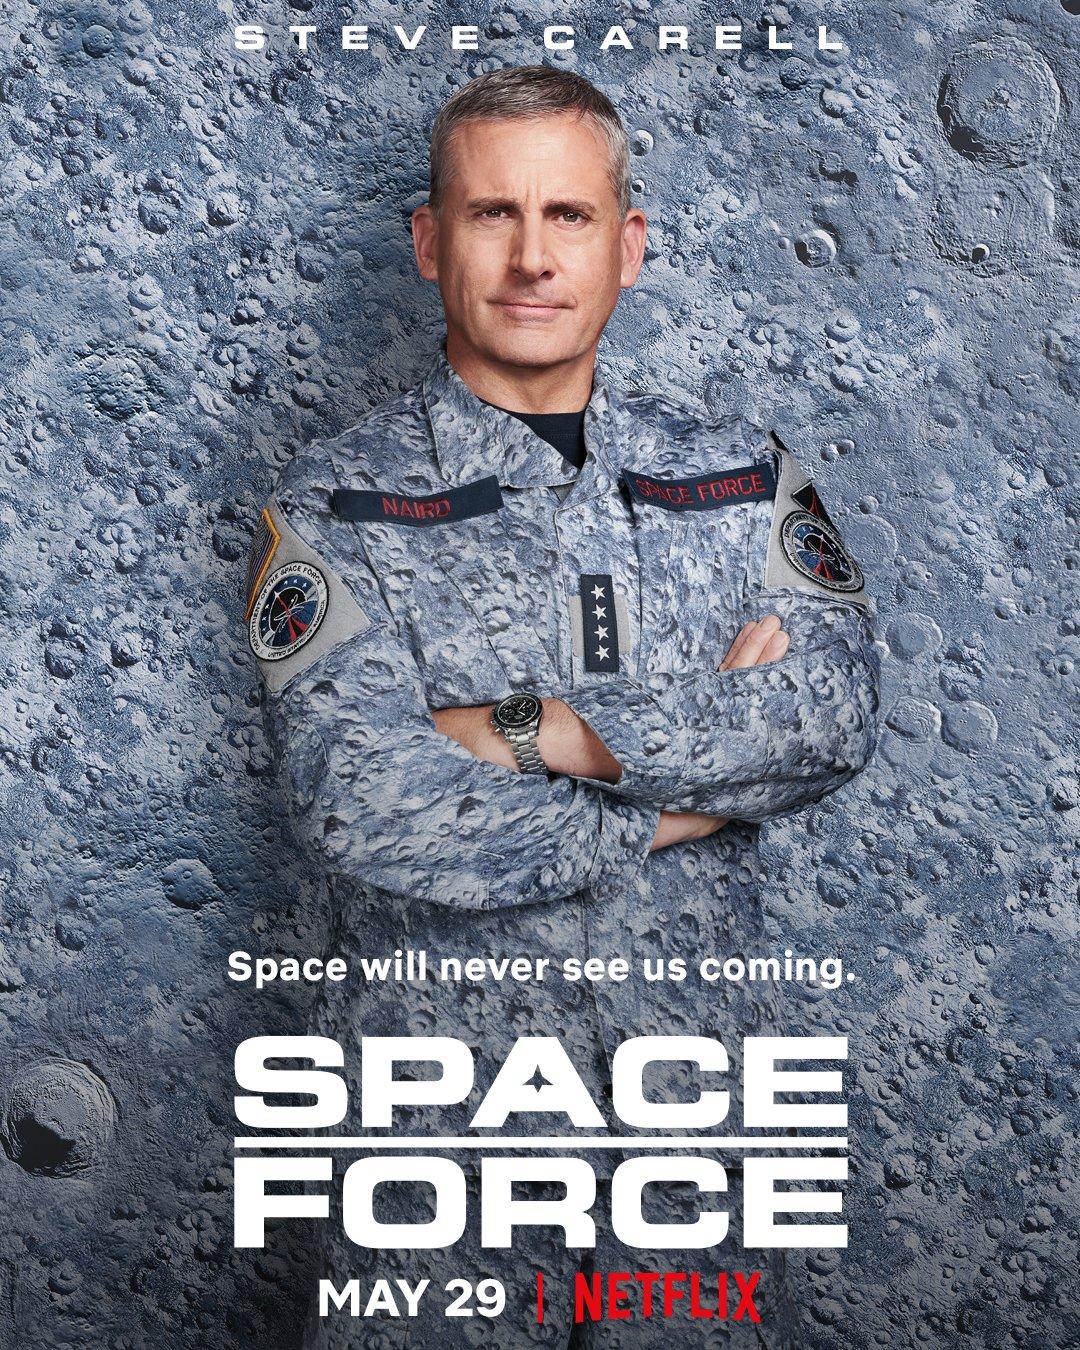 200600-spaceforce_1.jpg